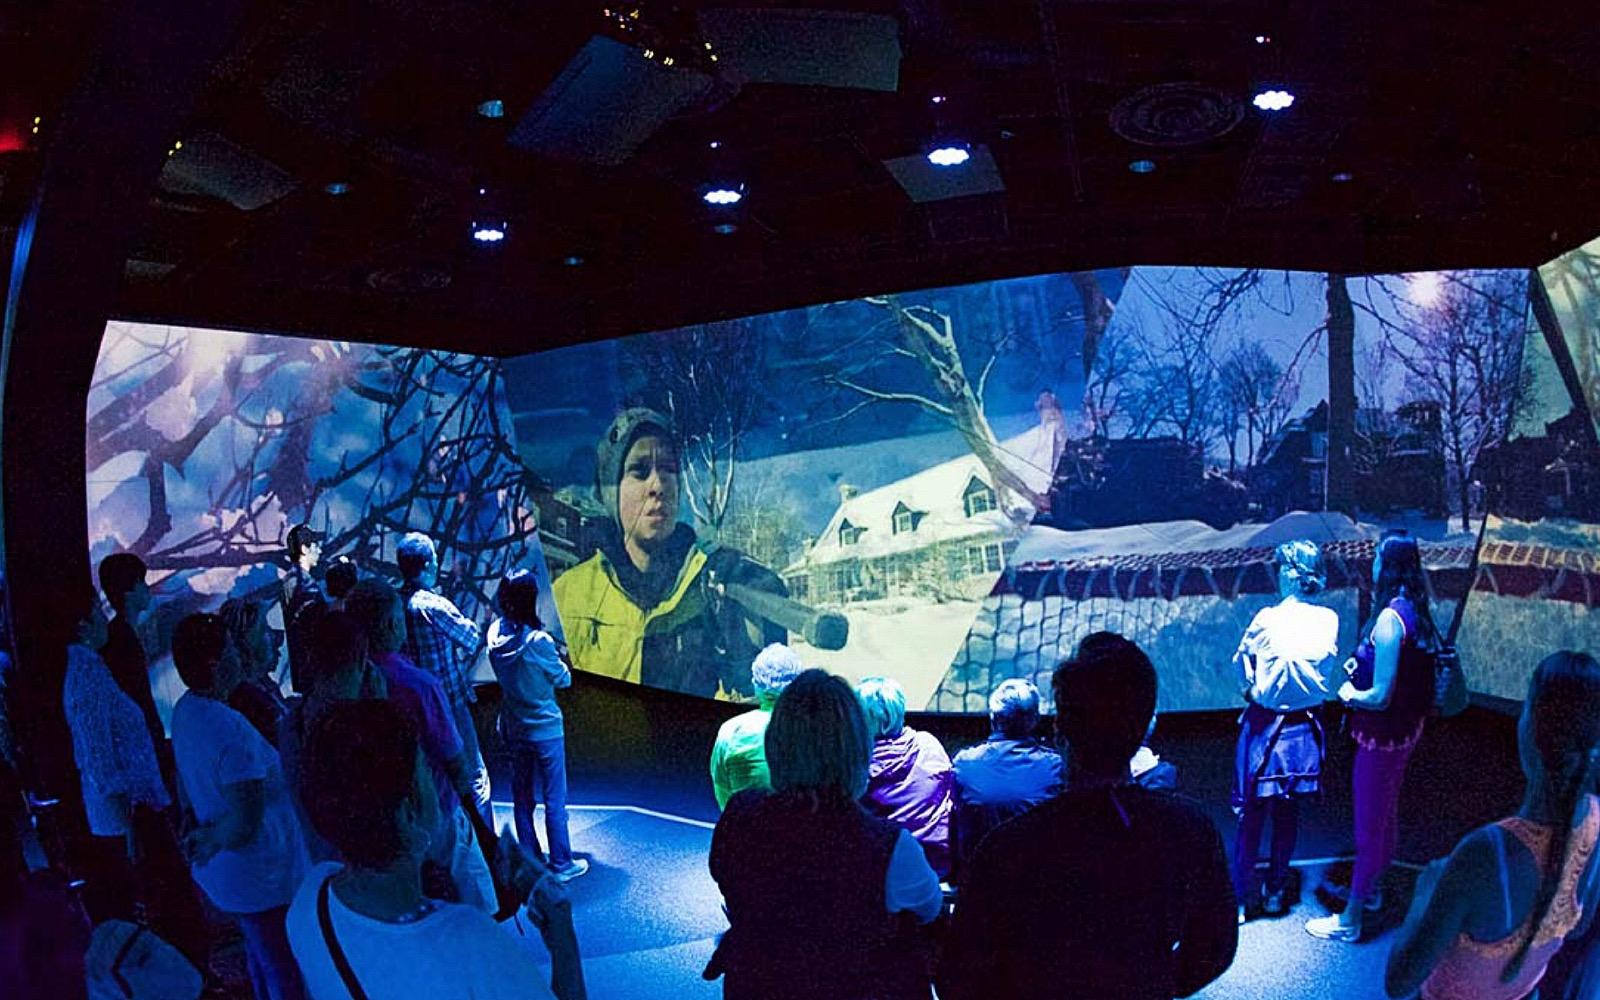 A group walks through the Flyover Canada pre-show exhibit